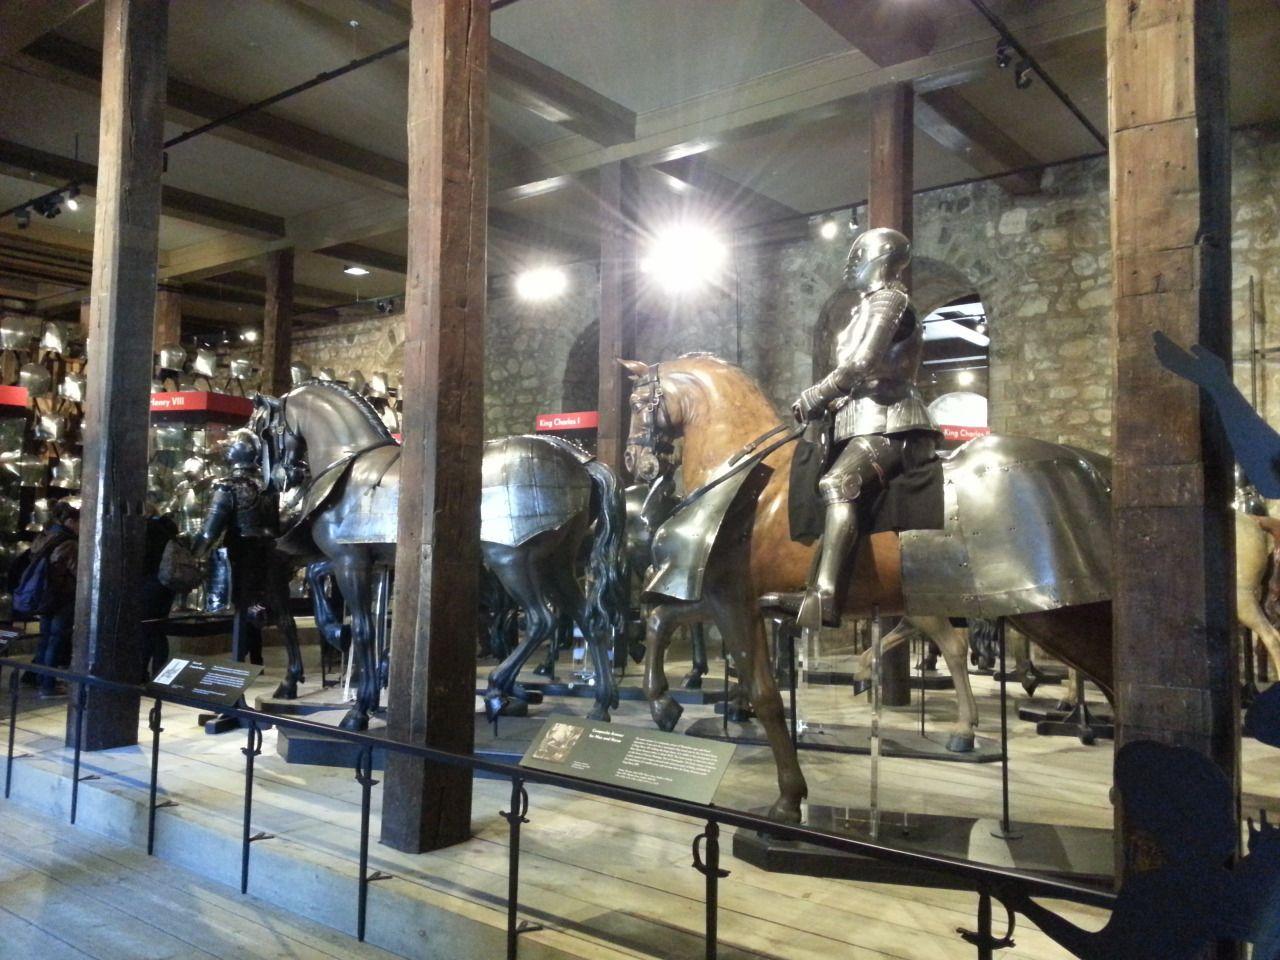 ロンドン塔 ー ホワイト タワーでロイヤル武器庫 最初の部屋は馬の武器庫です たくさんプレートアーマーがあります 騎士と馬のために Tower Of London The Royal Armouries Of White Tower London Sightseeing Sightseeing London